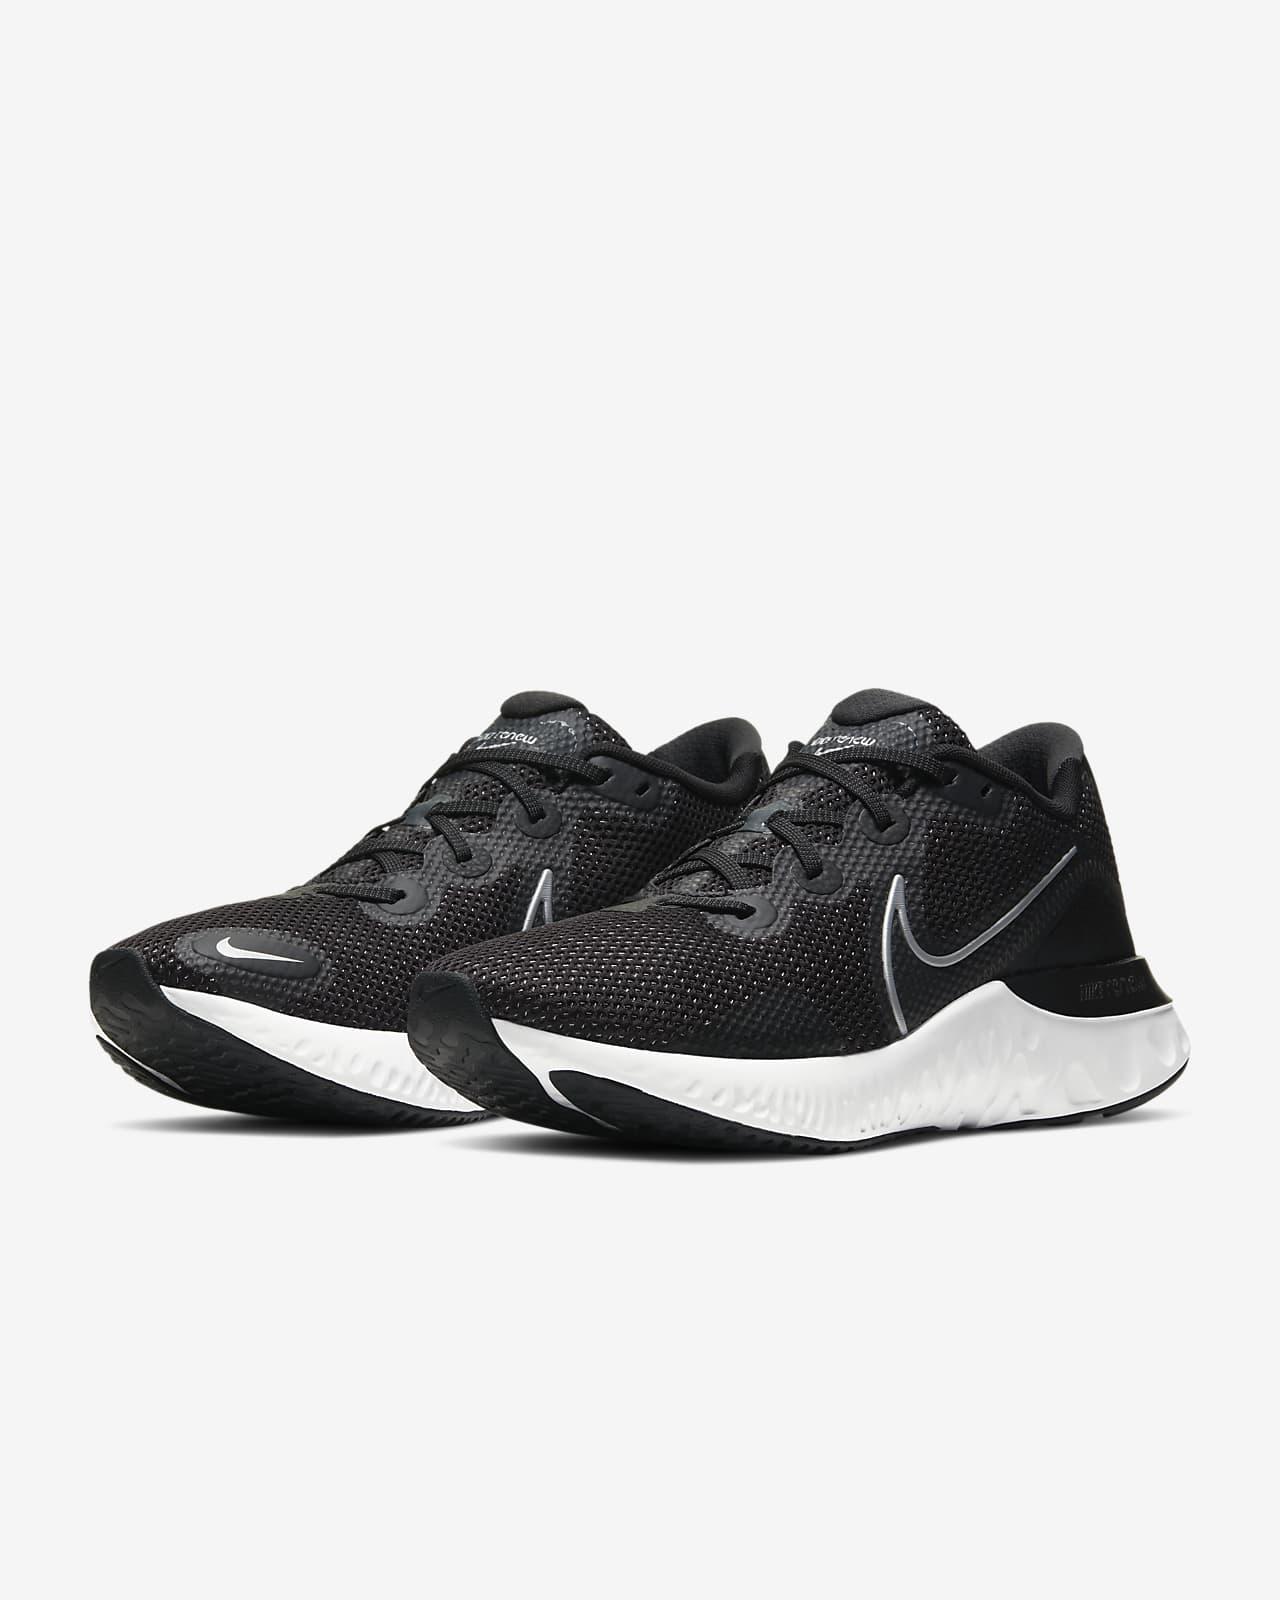 Nike Renew Run Men's Running Shoe. Nike LU